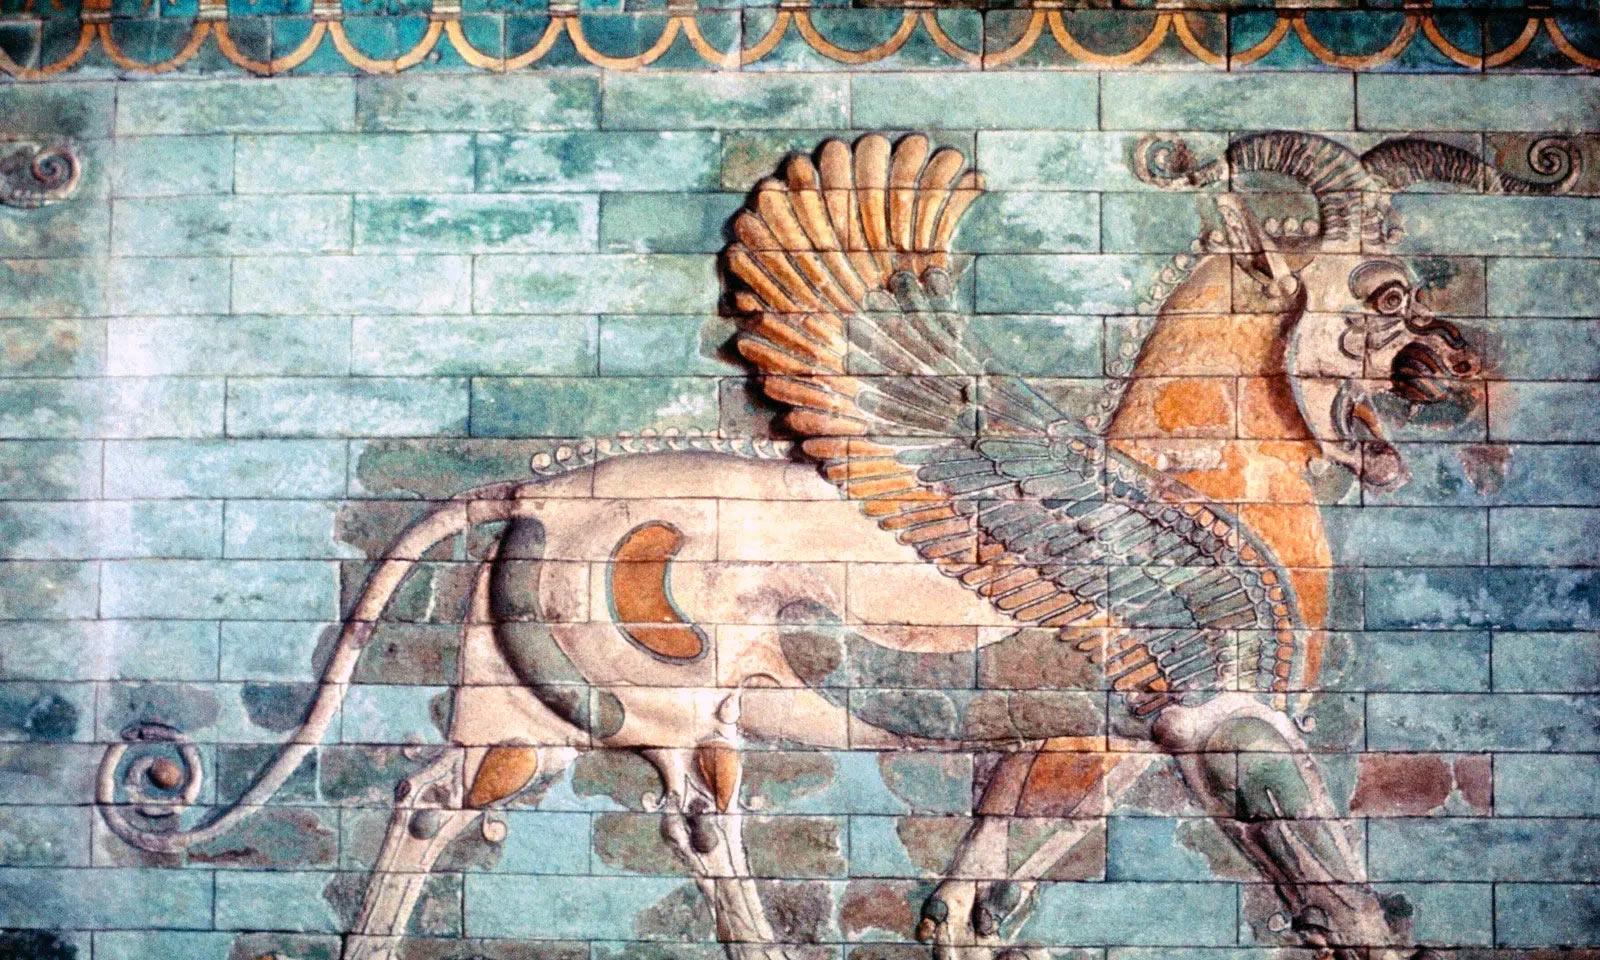 Мозаика в традиционном для Персидской империи стиле